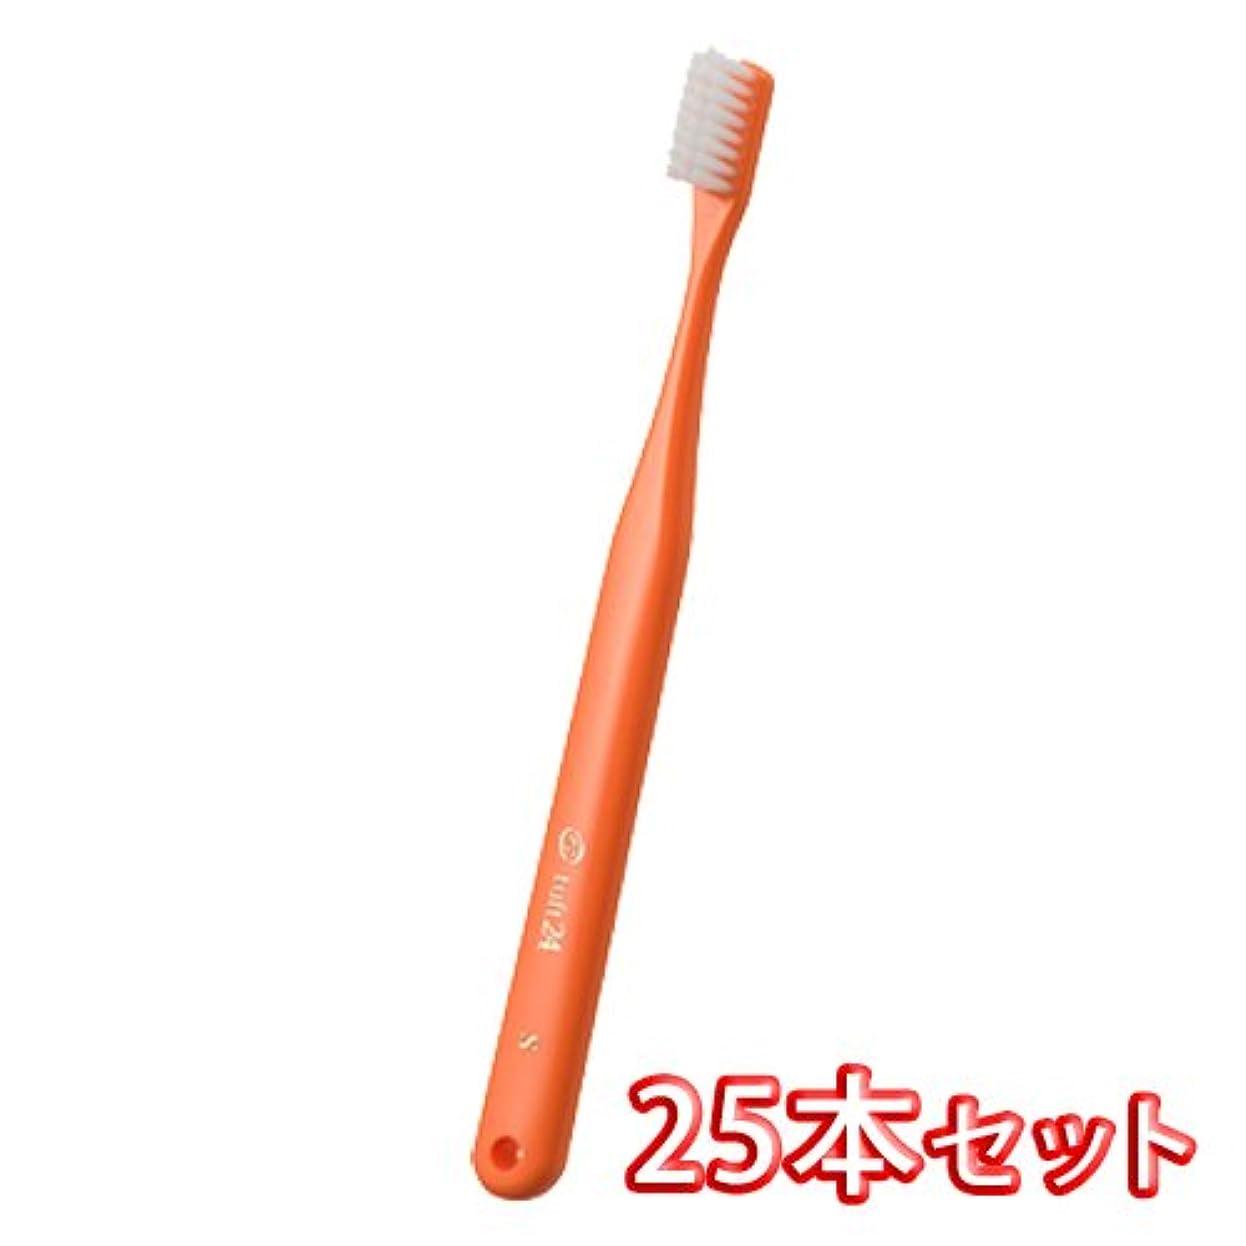 有力者試用百科事典オーラルケア キャップ付き タフト 24歯ブラシ 25本入 ミディアム M (オレンジ)